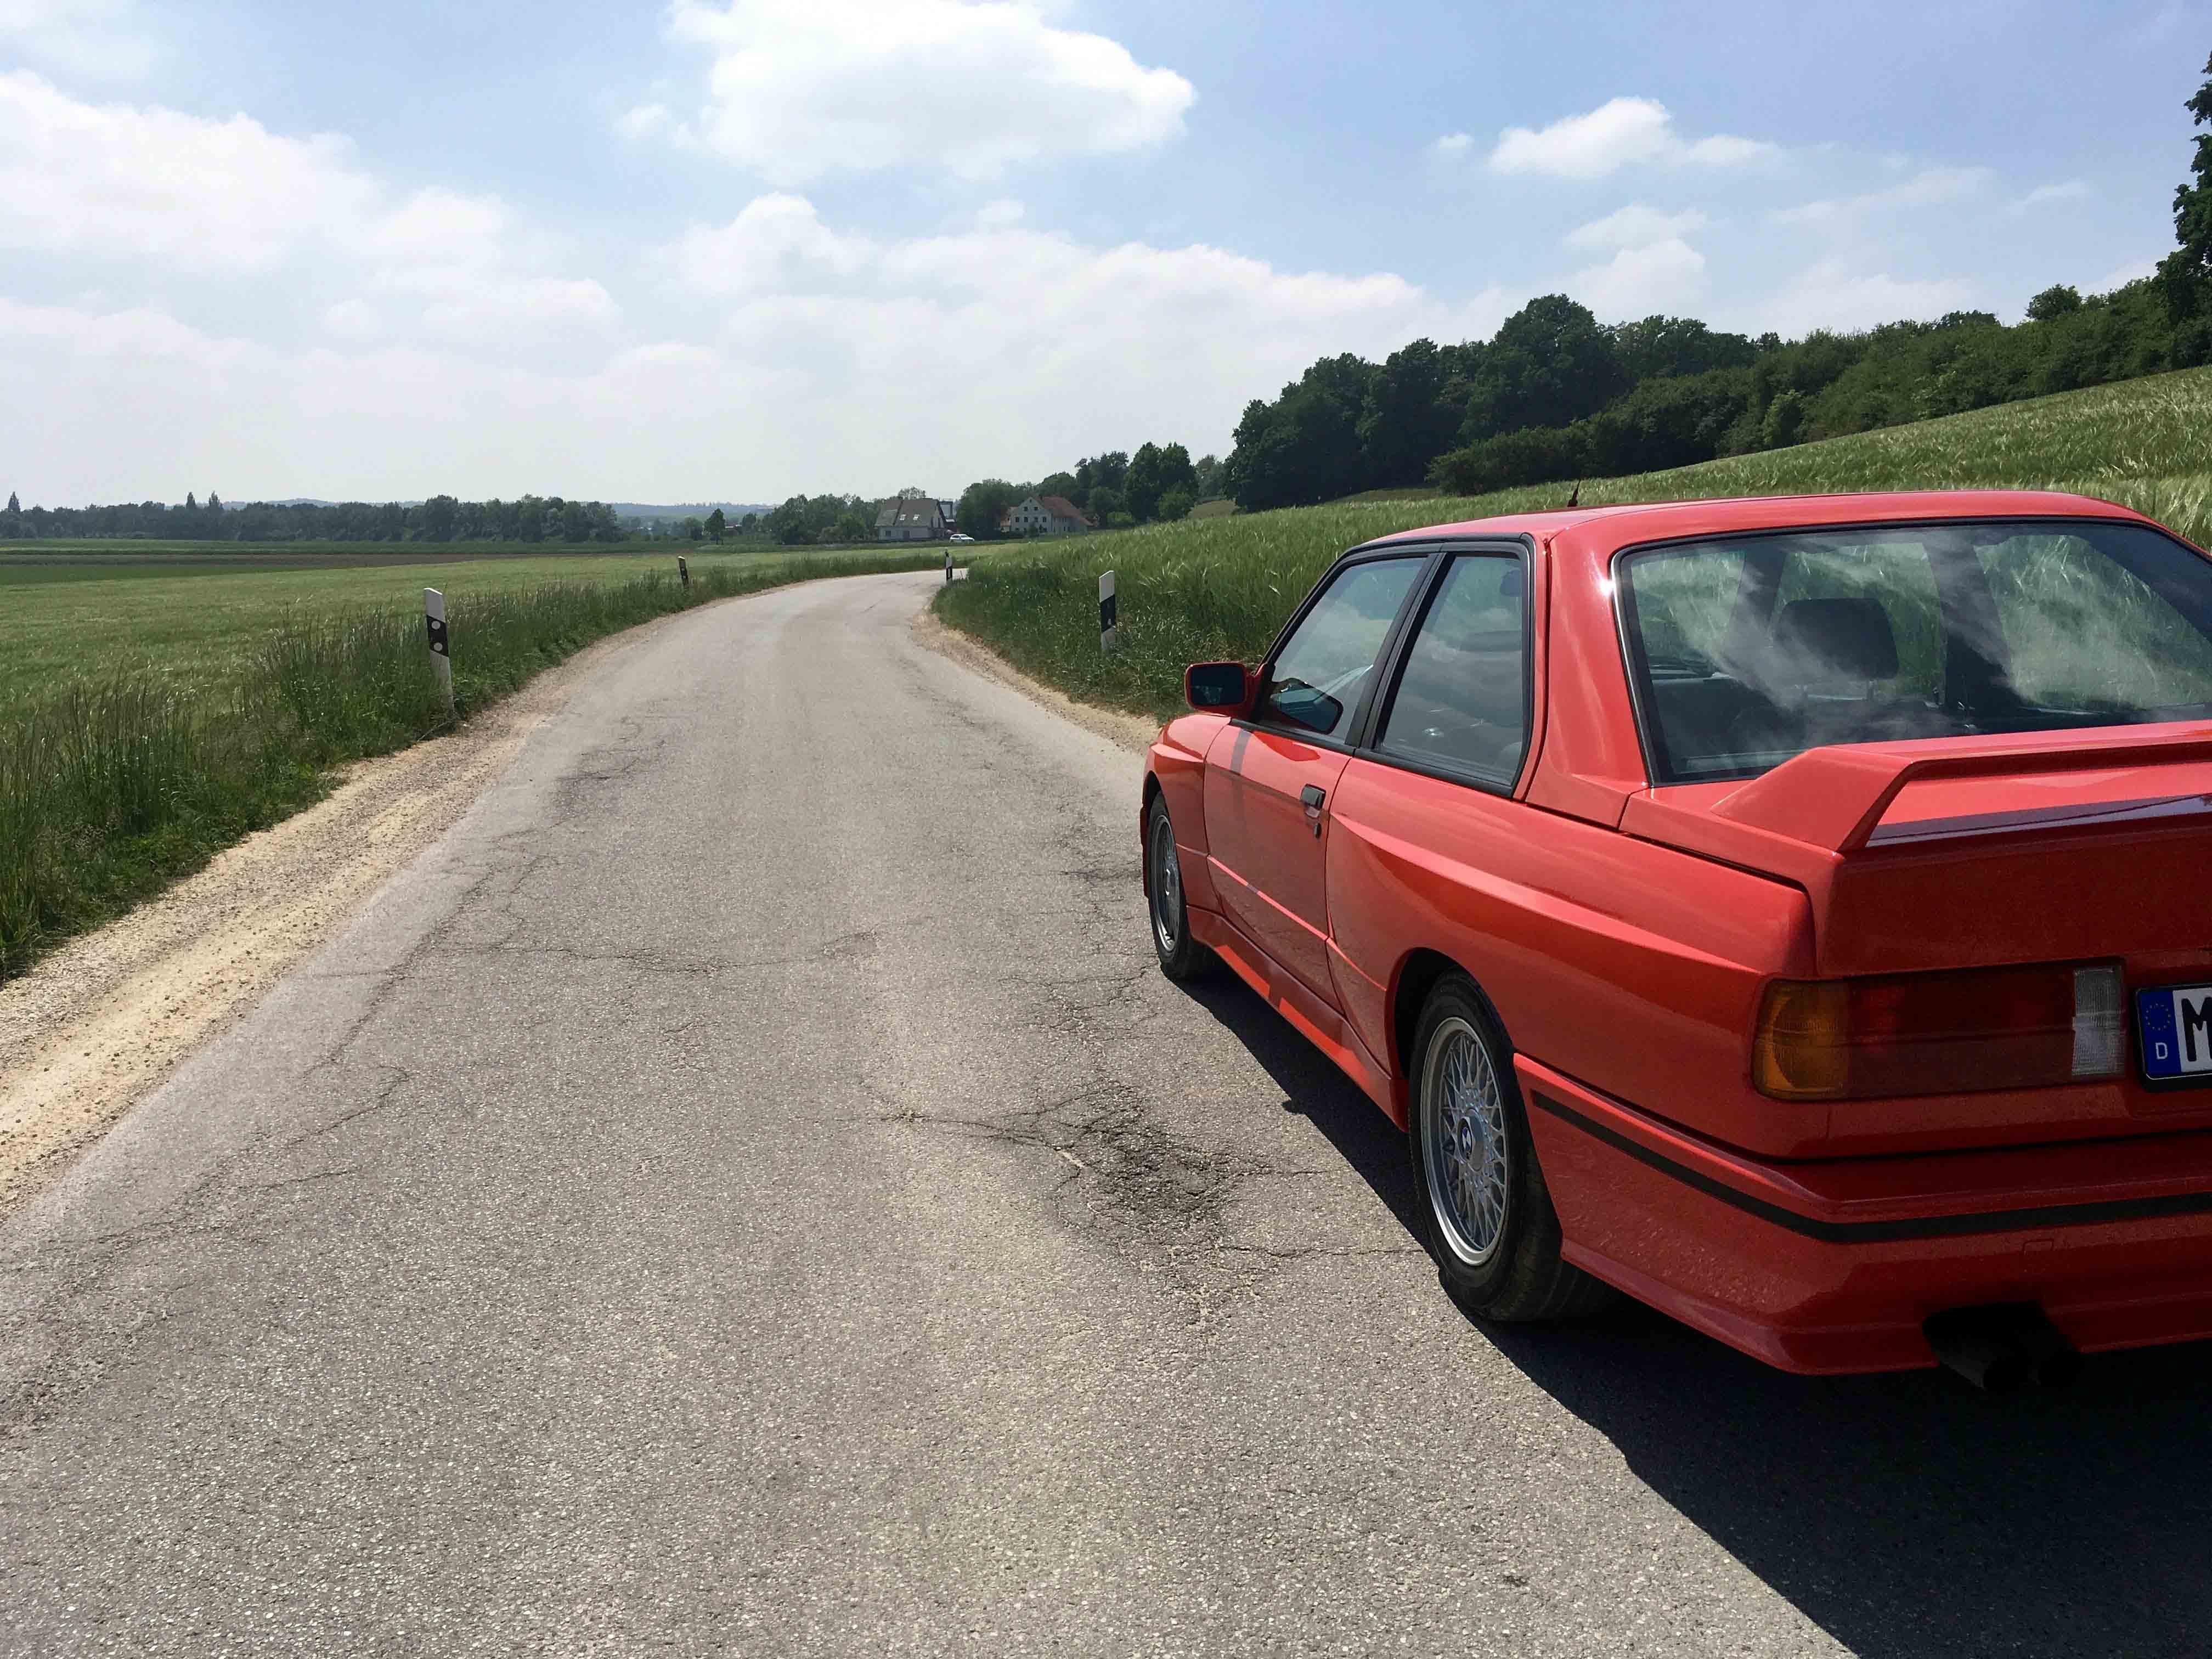 1987 BMW M3 rear side roadside